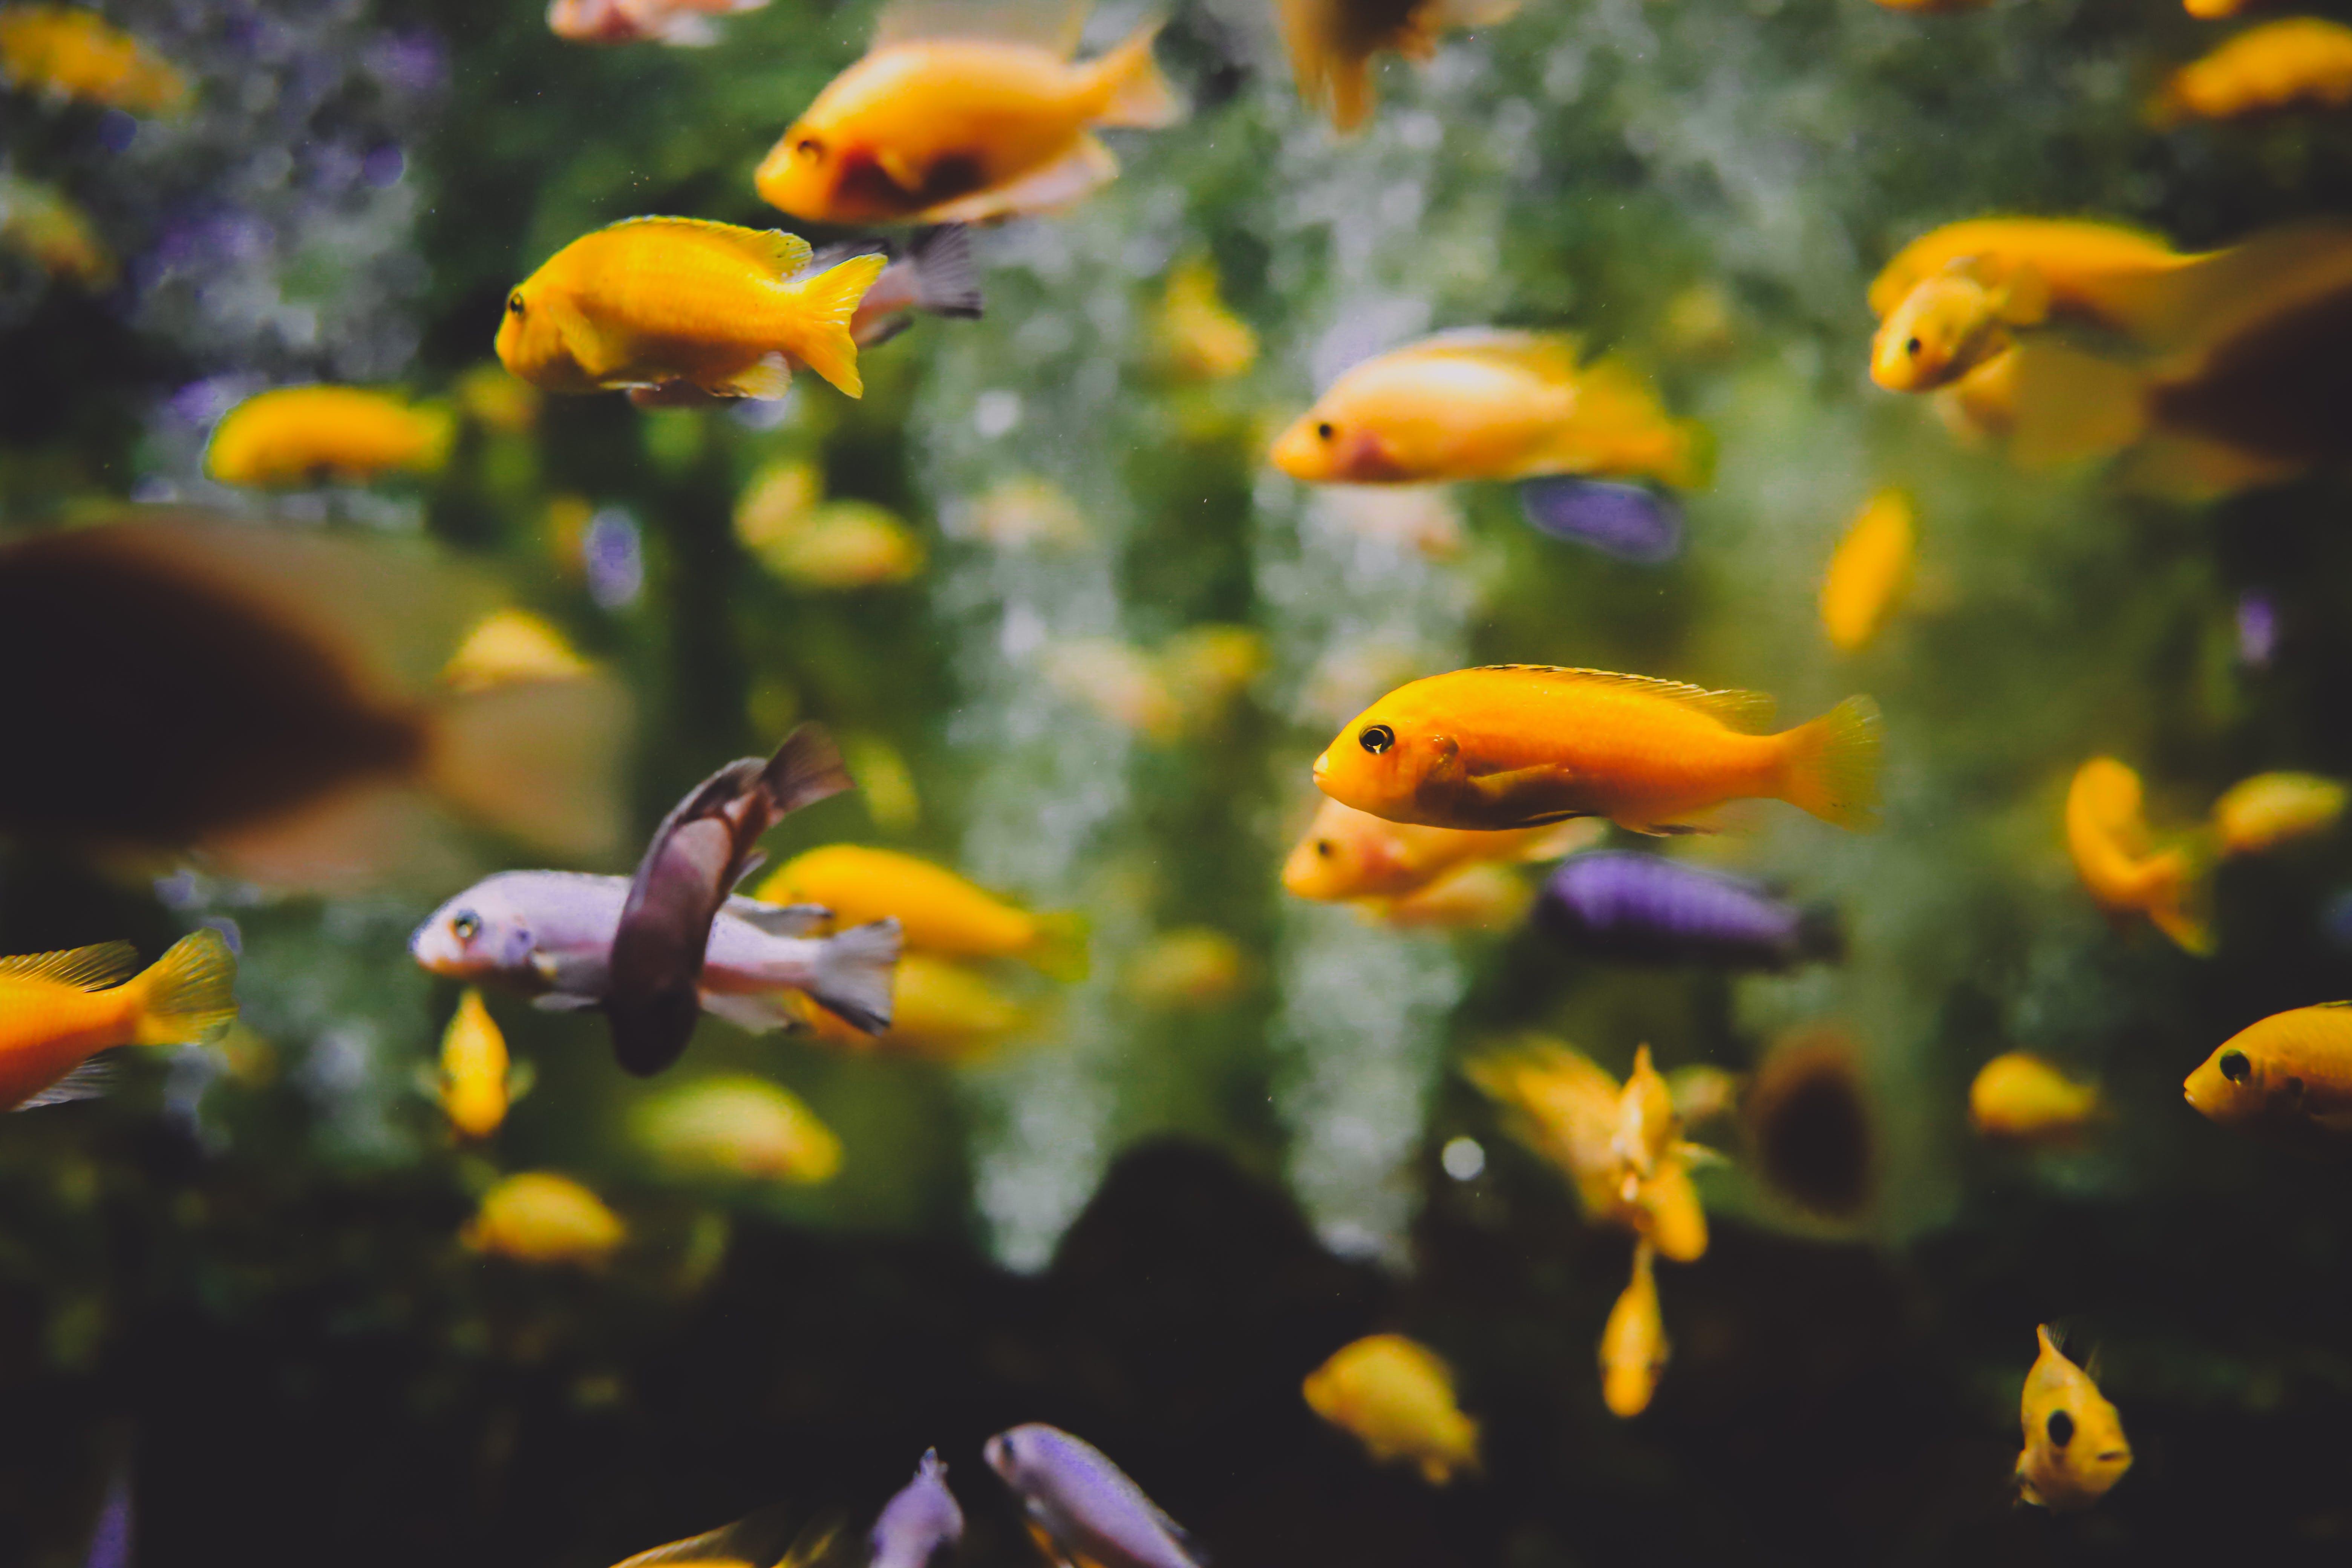 Gratis lagerfoto af akvarium, dyr, dyreliv, fisk